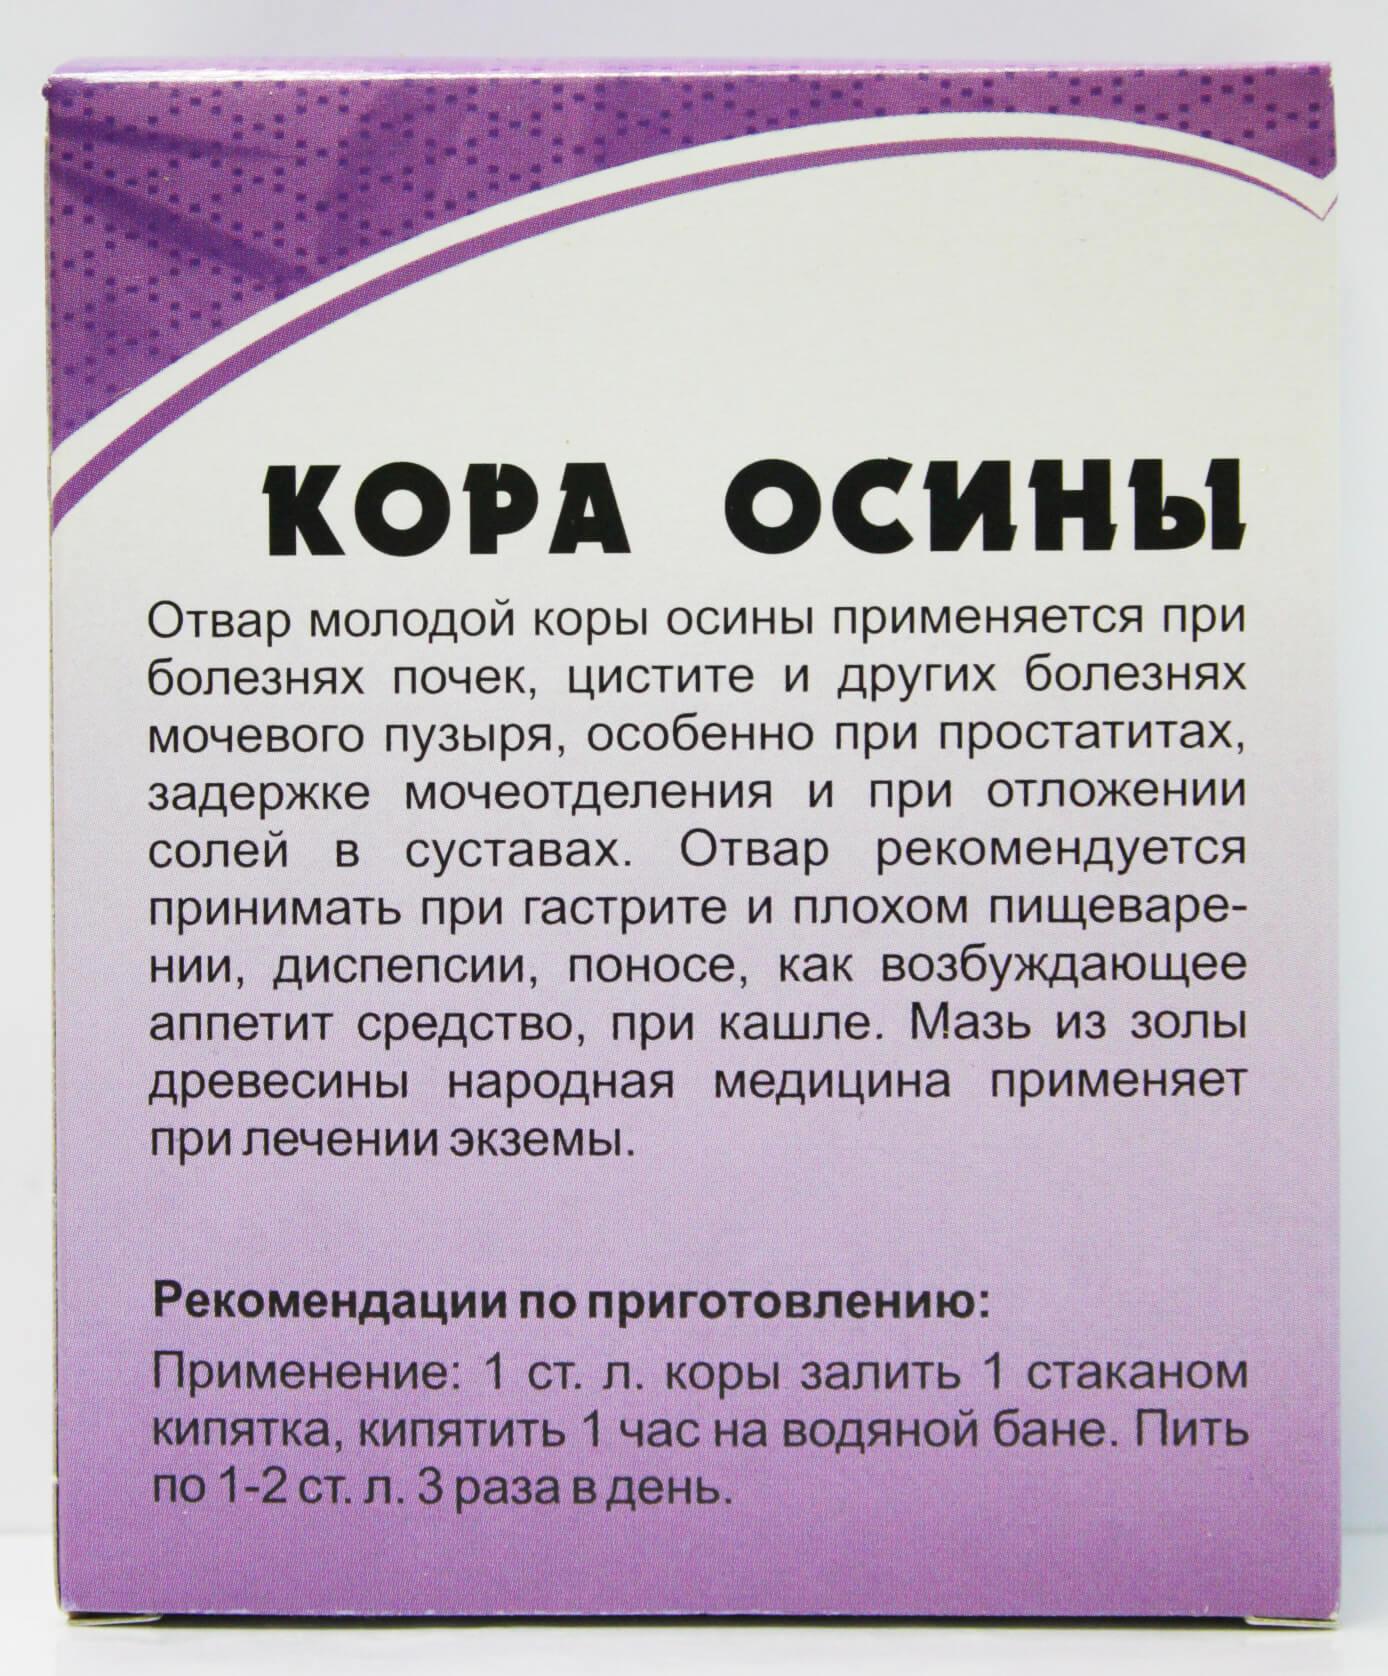 лечение простатита корой осины